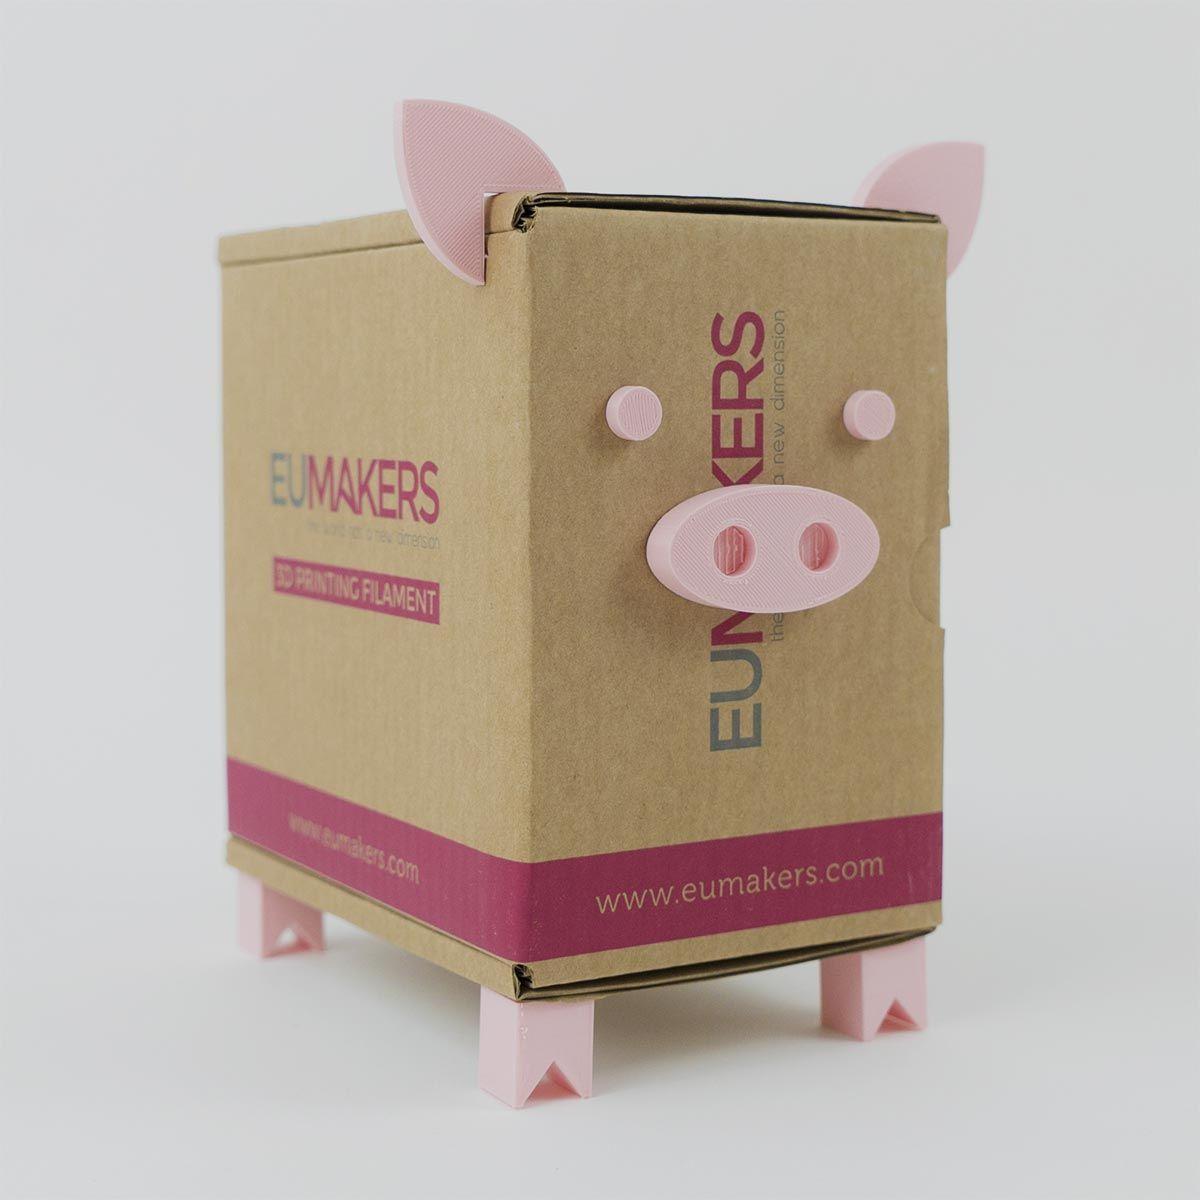 Mr. Piggy [Piggy bank]